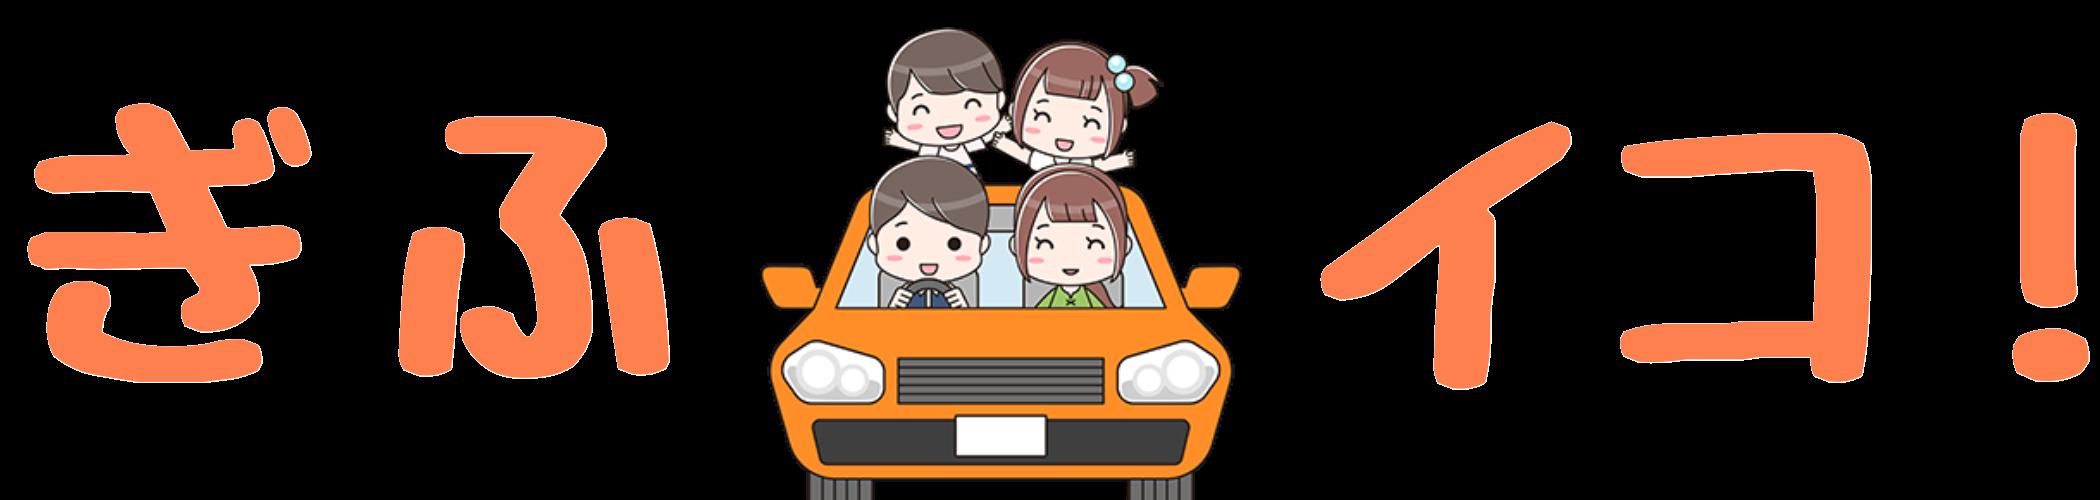 「ぎふイコ!」岐阜のグルメ・イベント・子育て情報ブログ